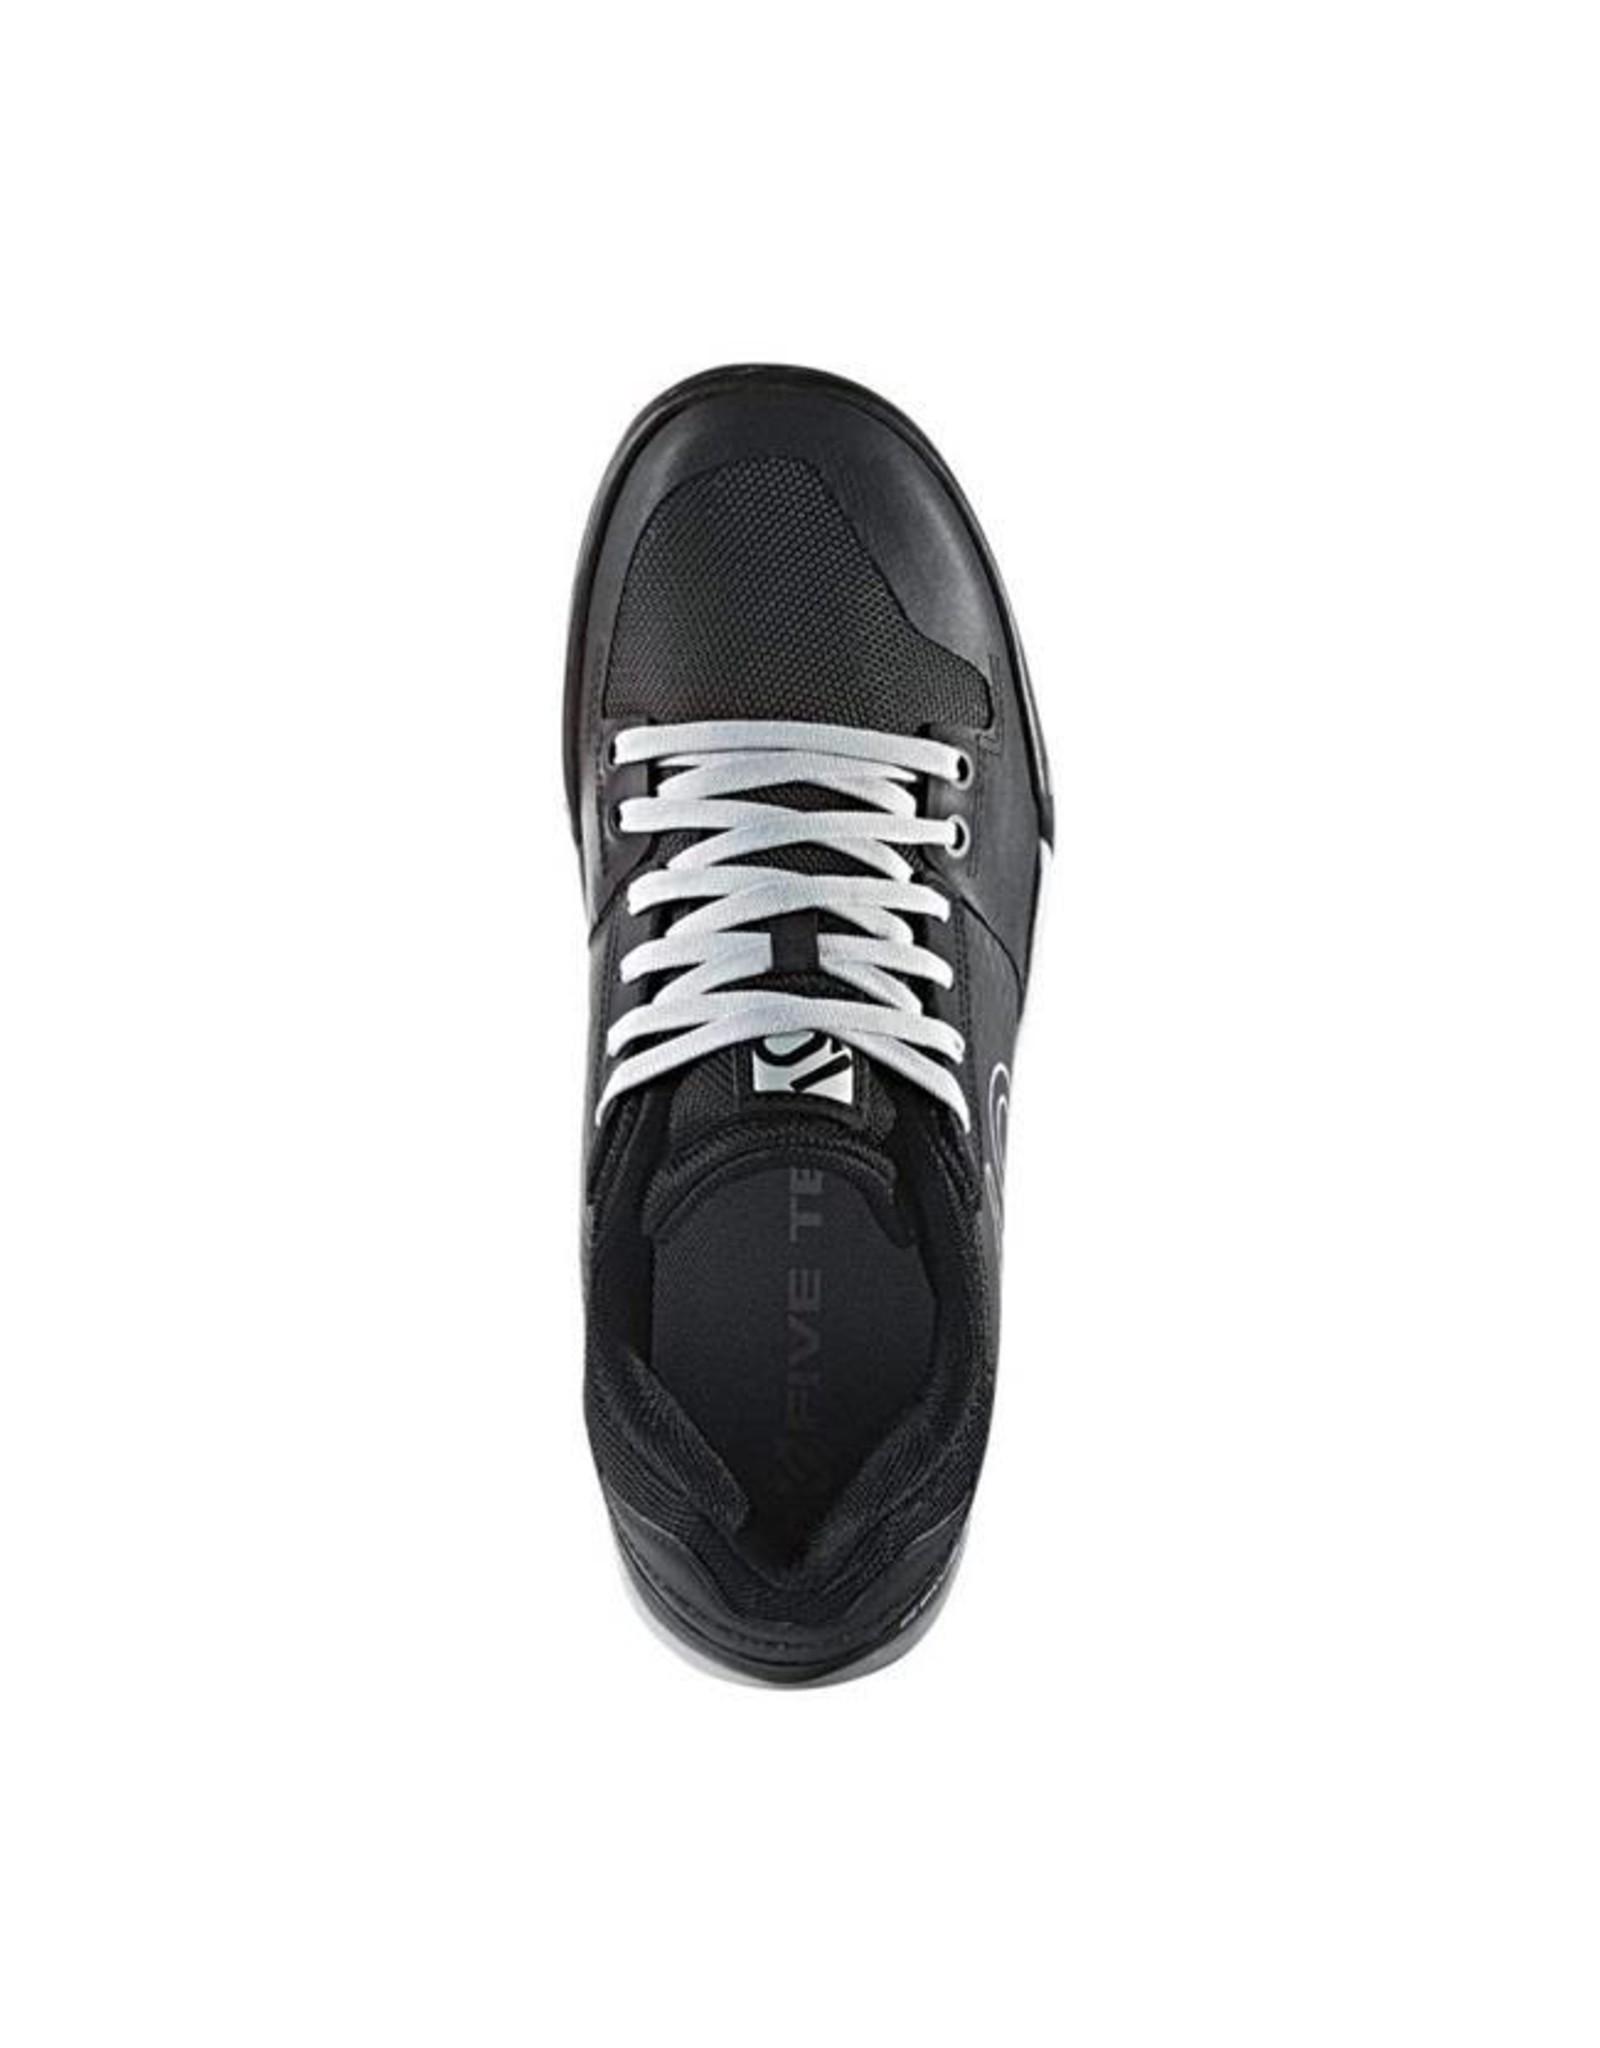 Five Ten Five Ten Freerider Contact Men's Flat Pedal Shoe: Split Black 10